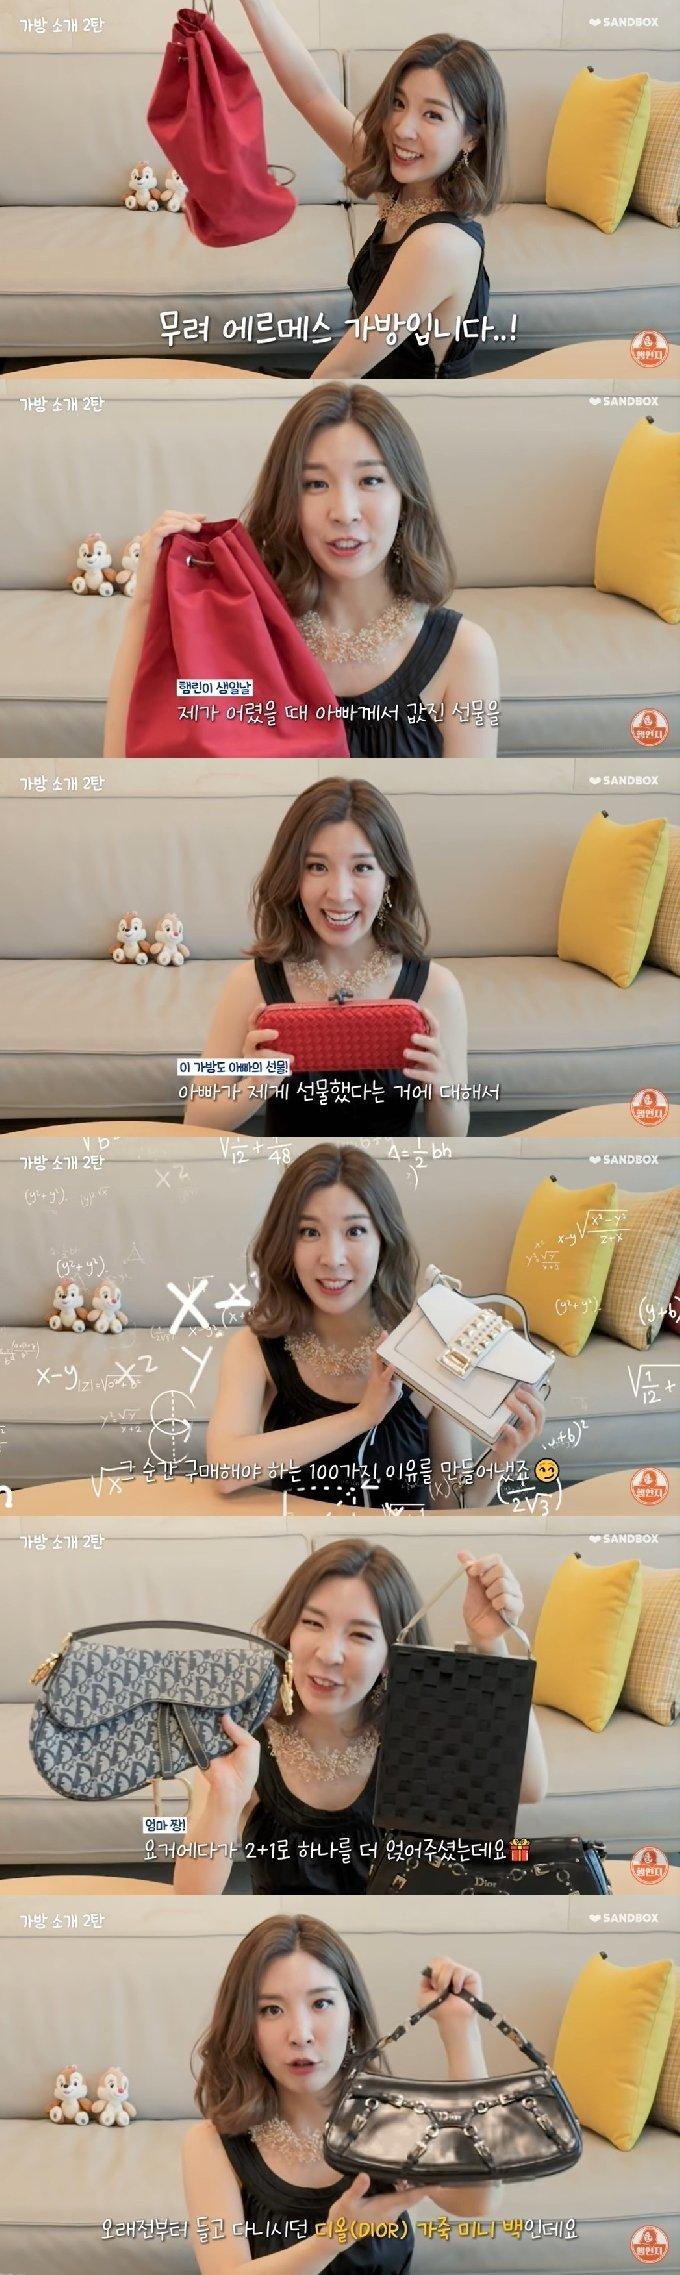 유튜브 채널 '햄연지' 방송 화면 캡처 © 뉴스1